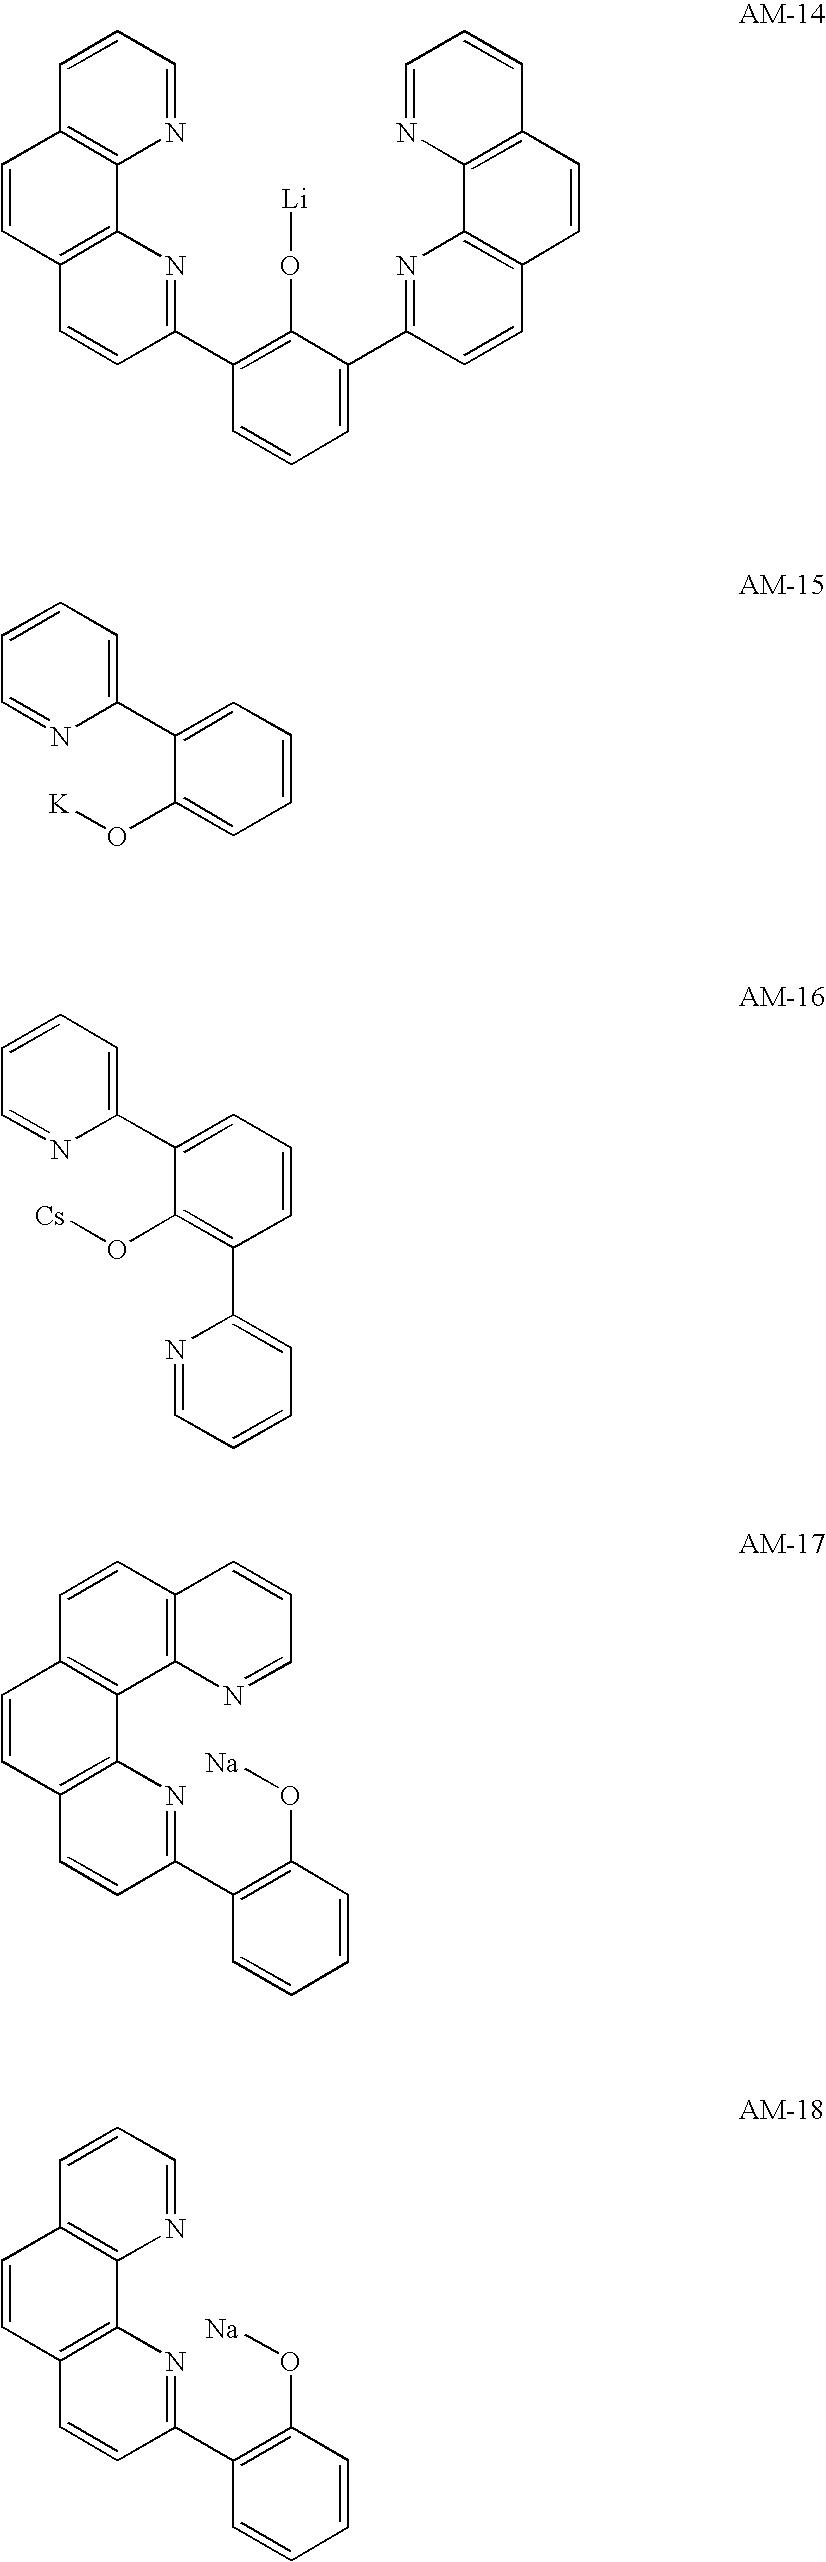 Figure US20100244677A1-20100930-C00014